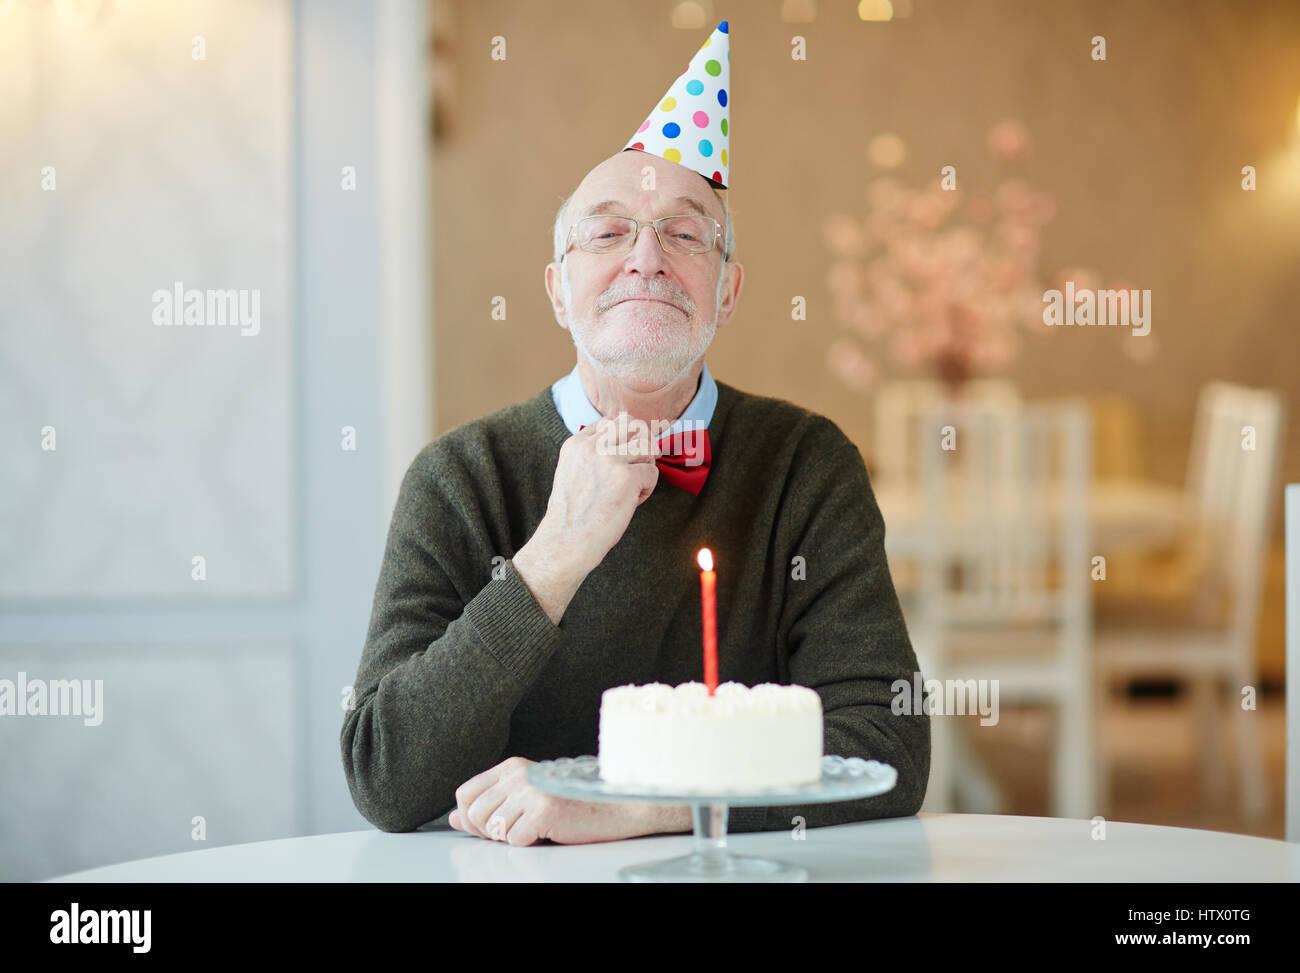 Tavolo Compleanno Uomo : Ritratto di felice vecchio uomo sorridente alla telecamera e